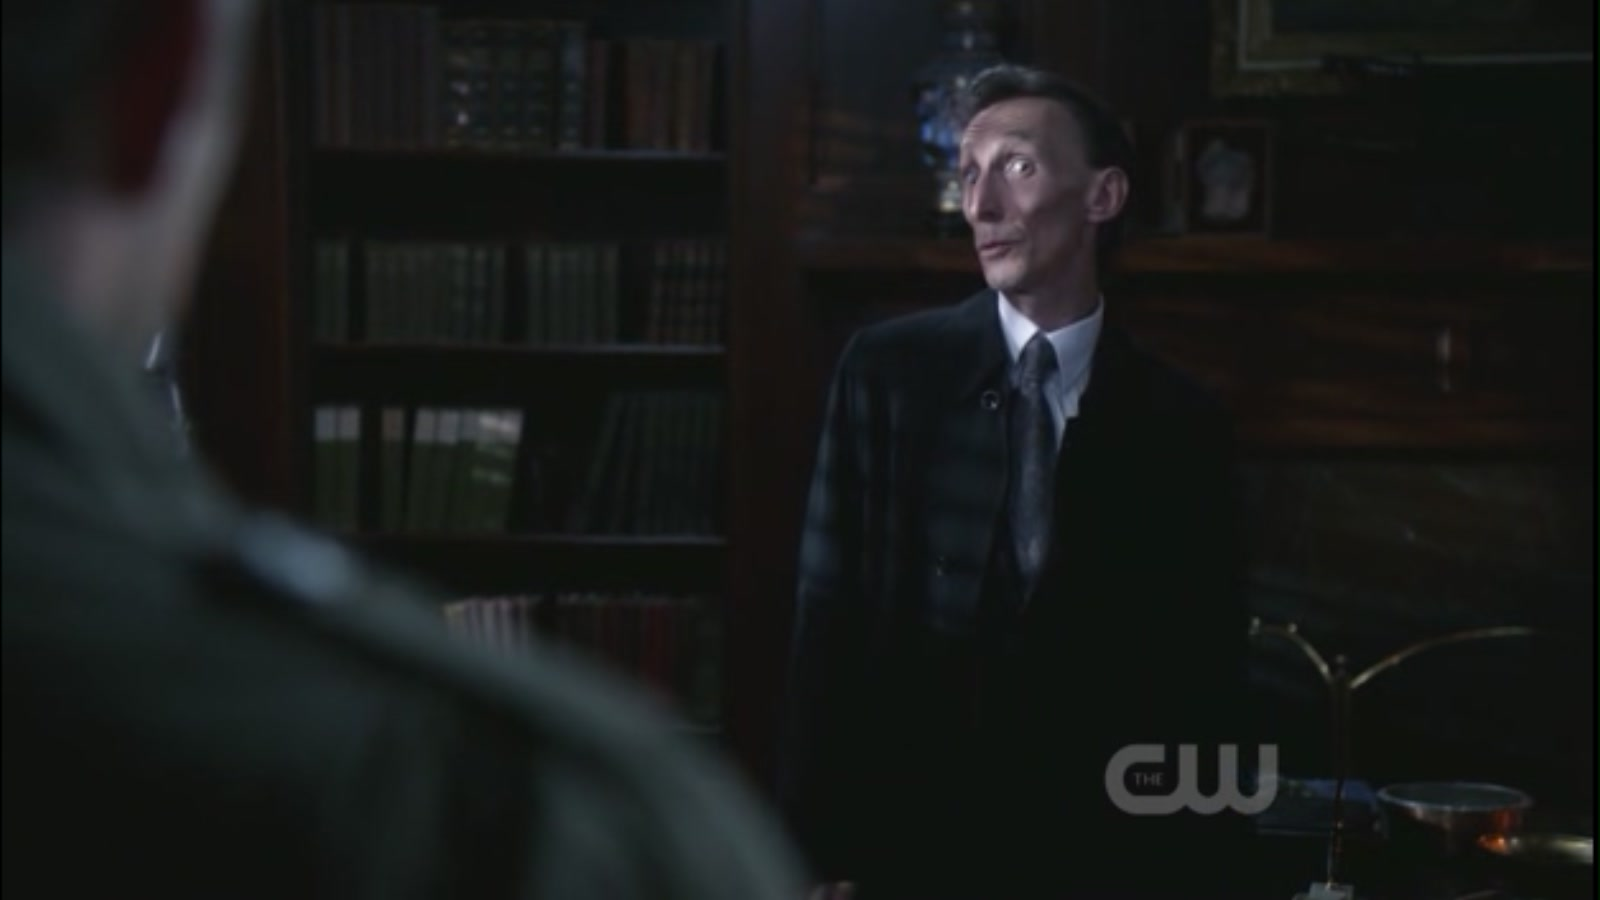 supernatural meet the new boss cw